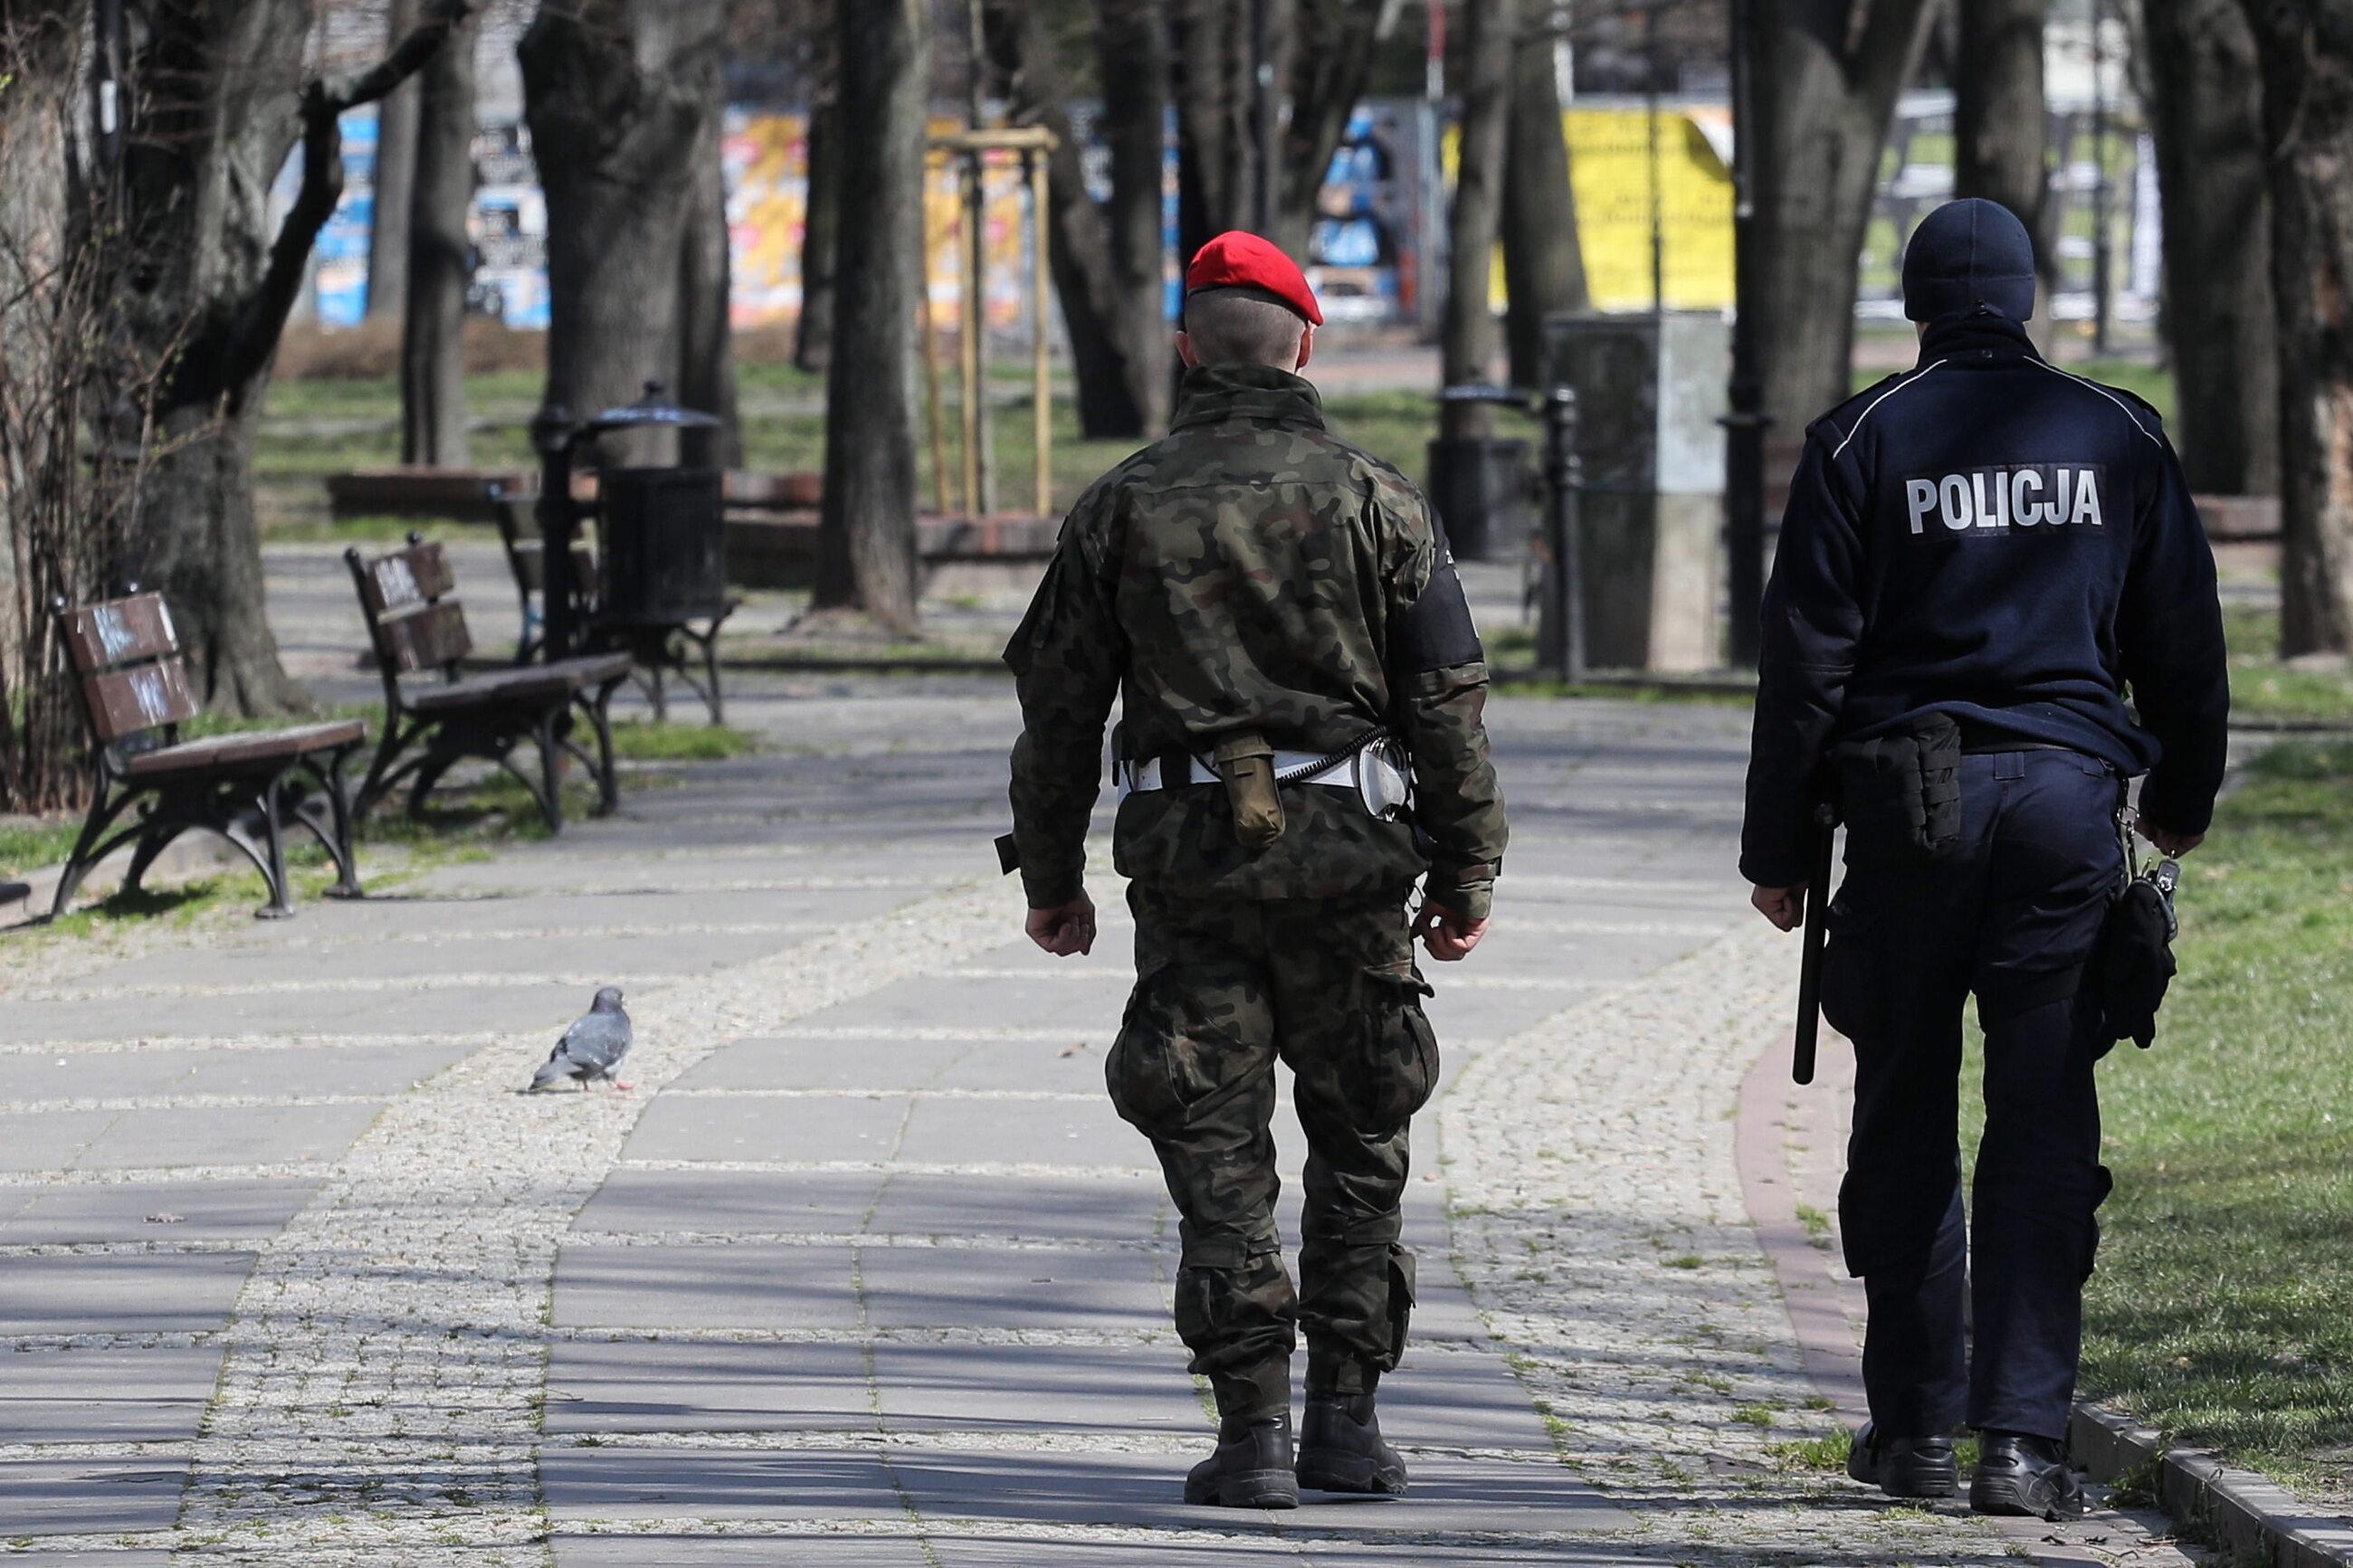 Koronawirus w Polsce. Policja z żandarmerią patrolują ulice